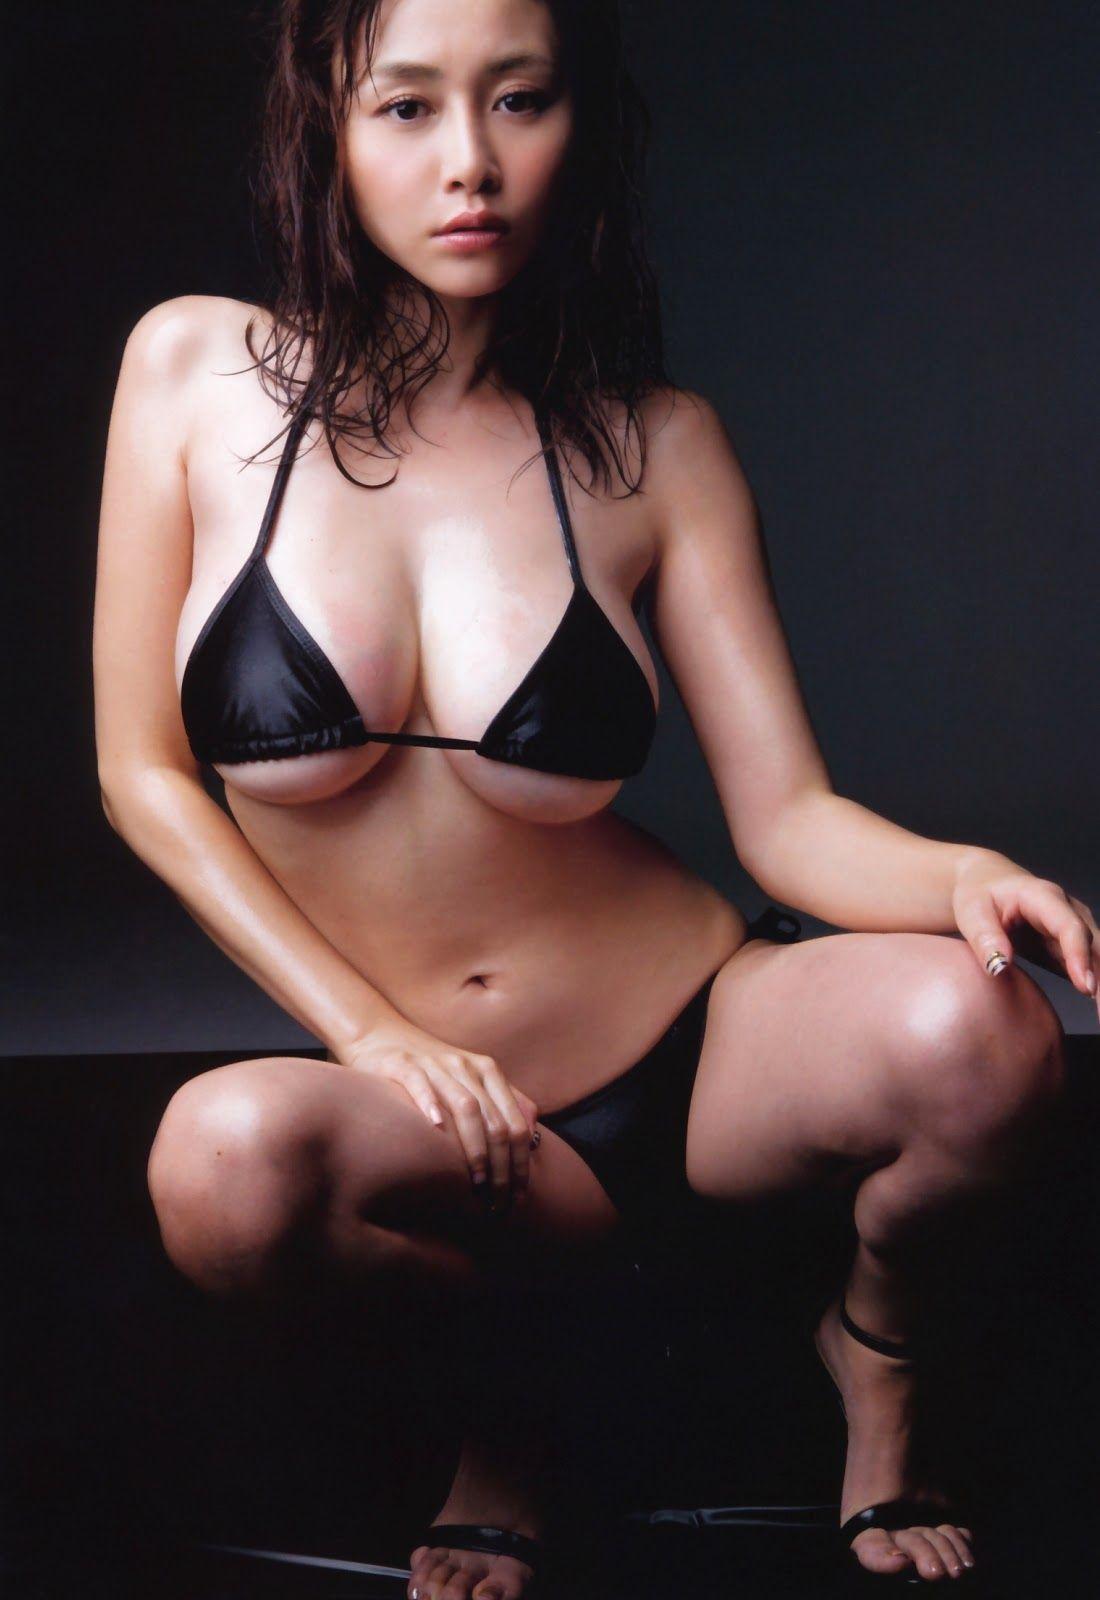 lingerie ICloud Noelle Monique naked photo 2017